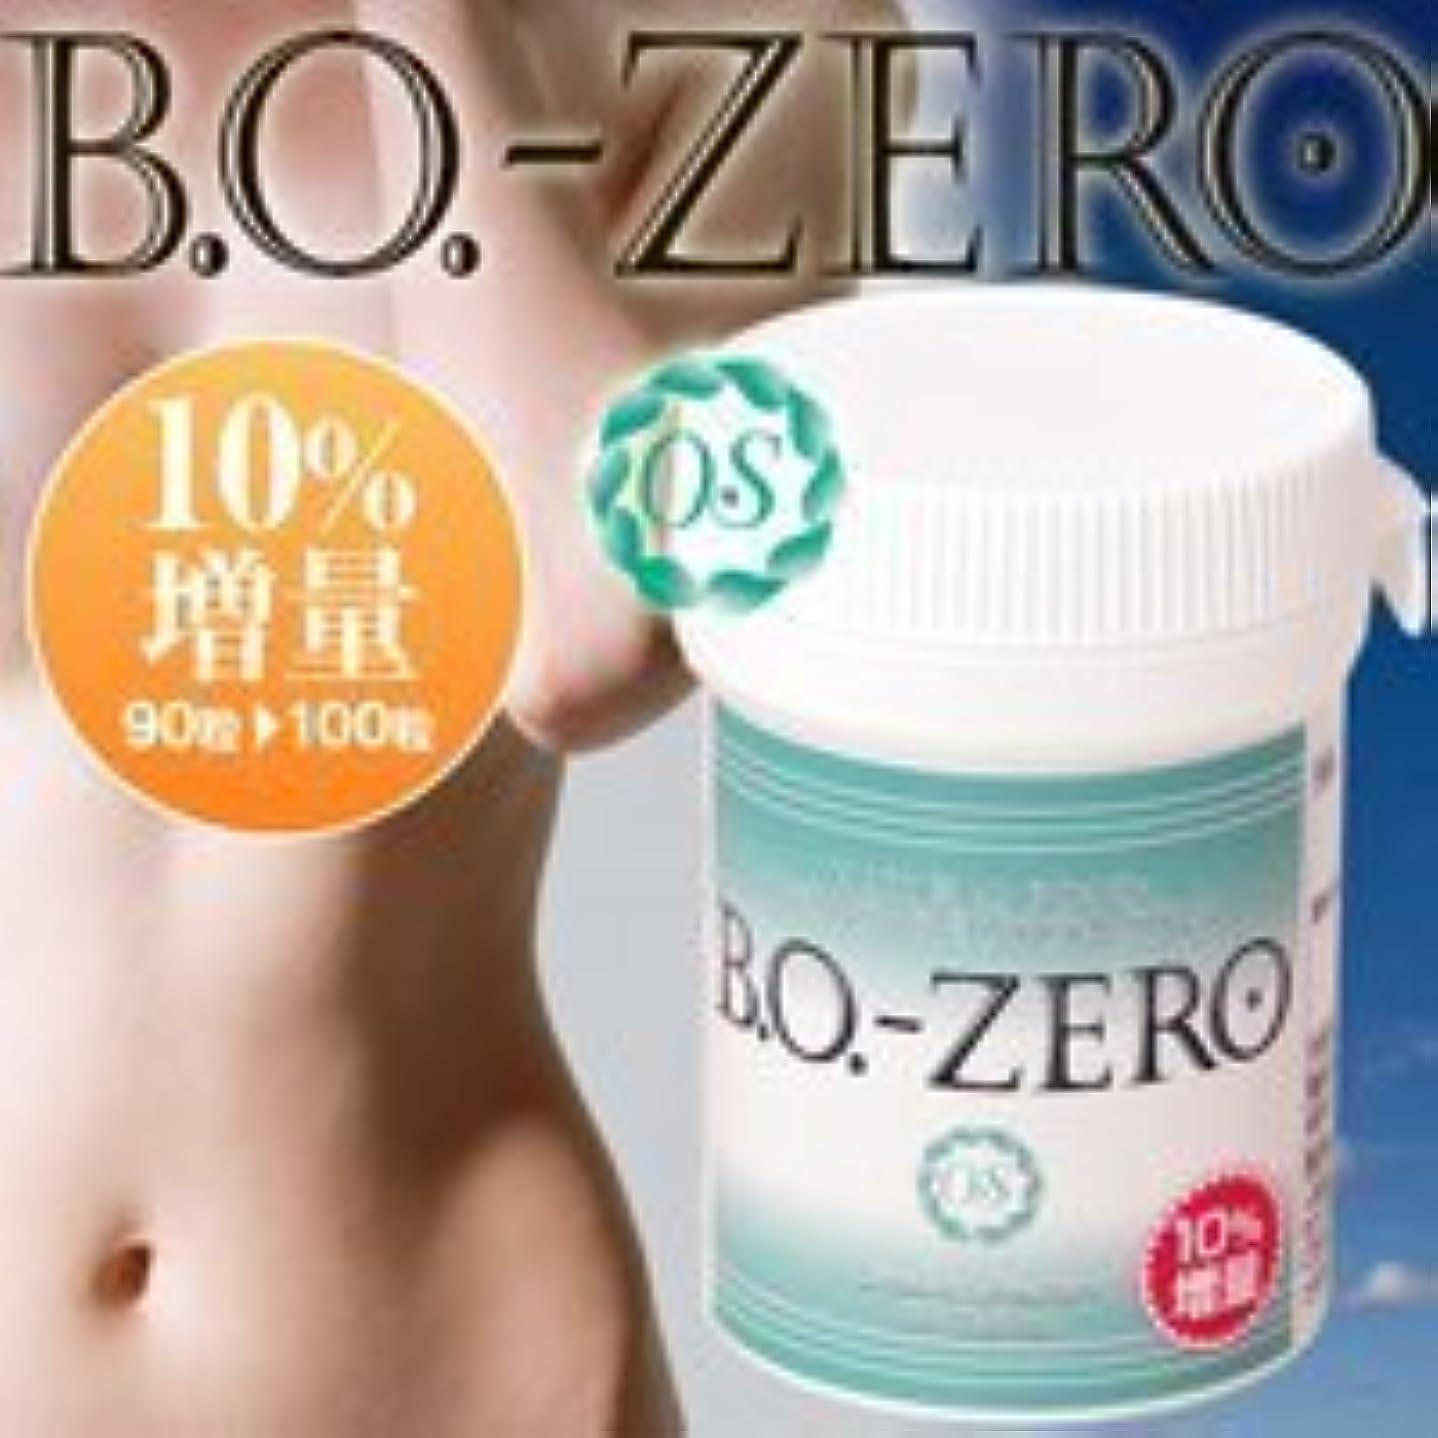 予言する遅れ犬BO ZERO (ビーオー ゼロ) 10%増量×2個セット?  体臭 口臭 汗臭 ワキガ などの対策に